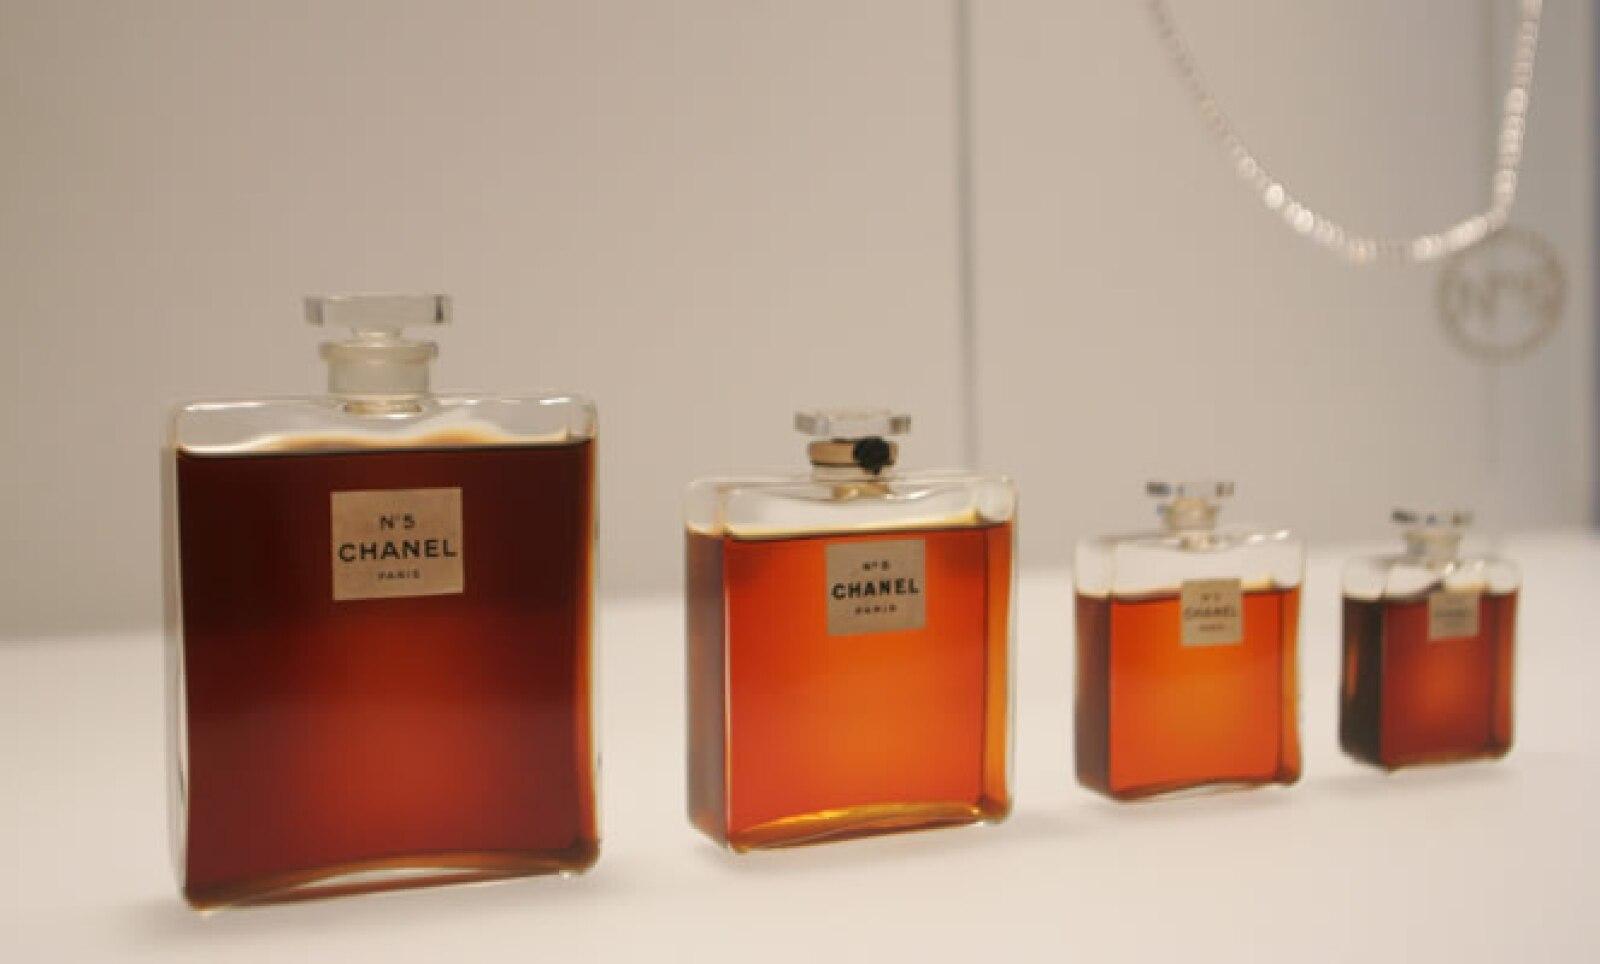 Fotografías, libros y objetos que inspiraron la creación del perfume Chanel N°5  se exhiben en París, Francia.